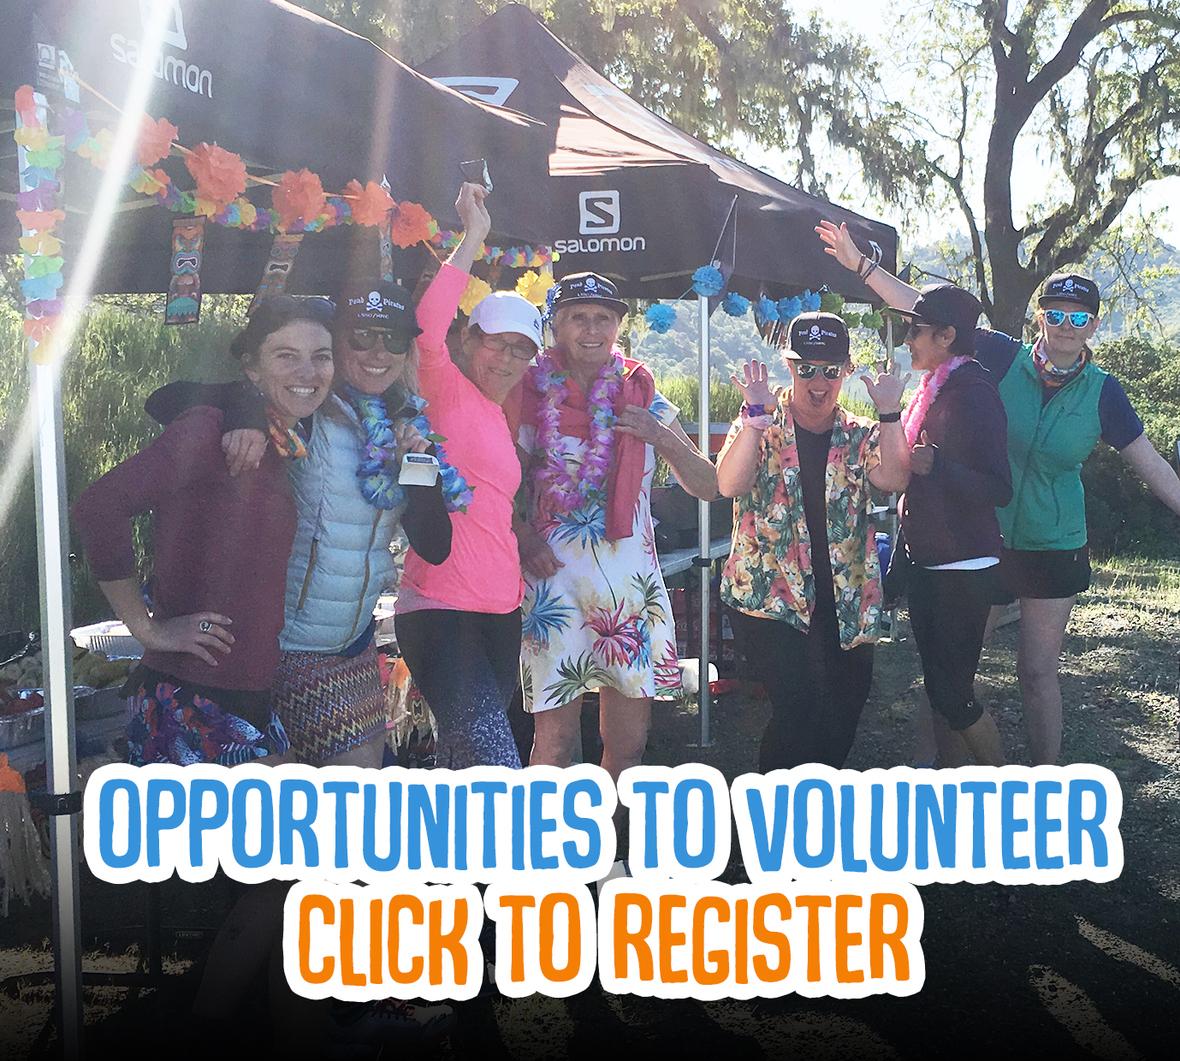 volunteers aid station